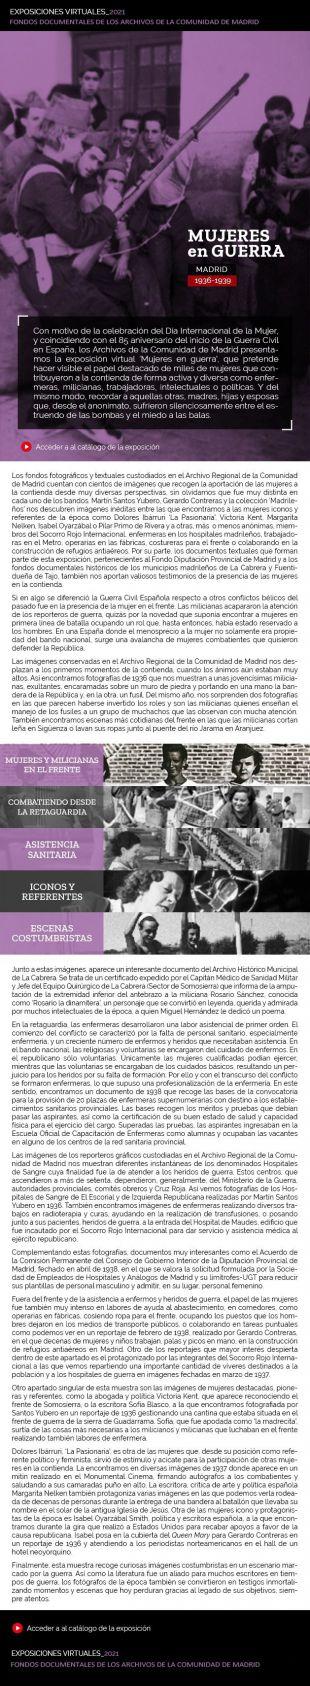 La Comunidad de Madrid presenta la exposición virtual 'Mujeres en guerra'